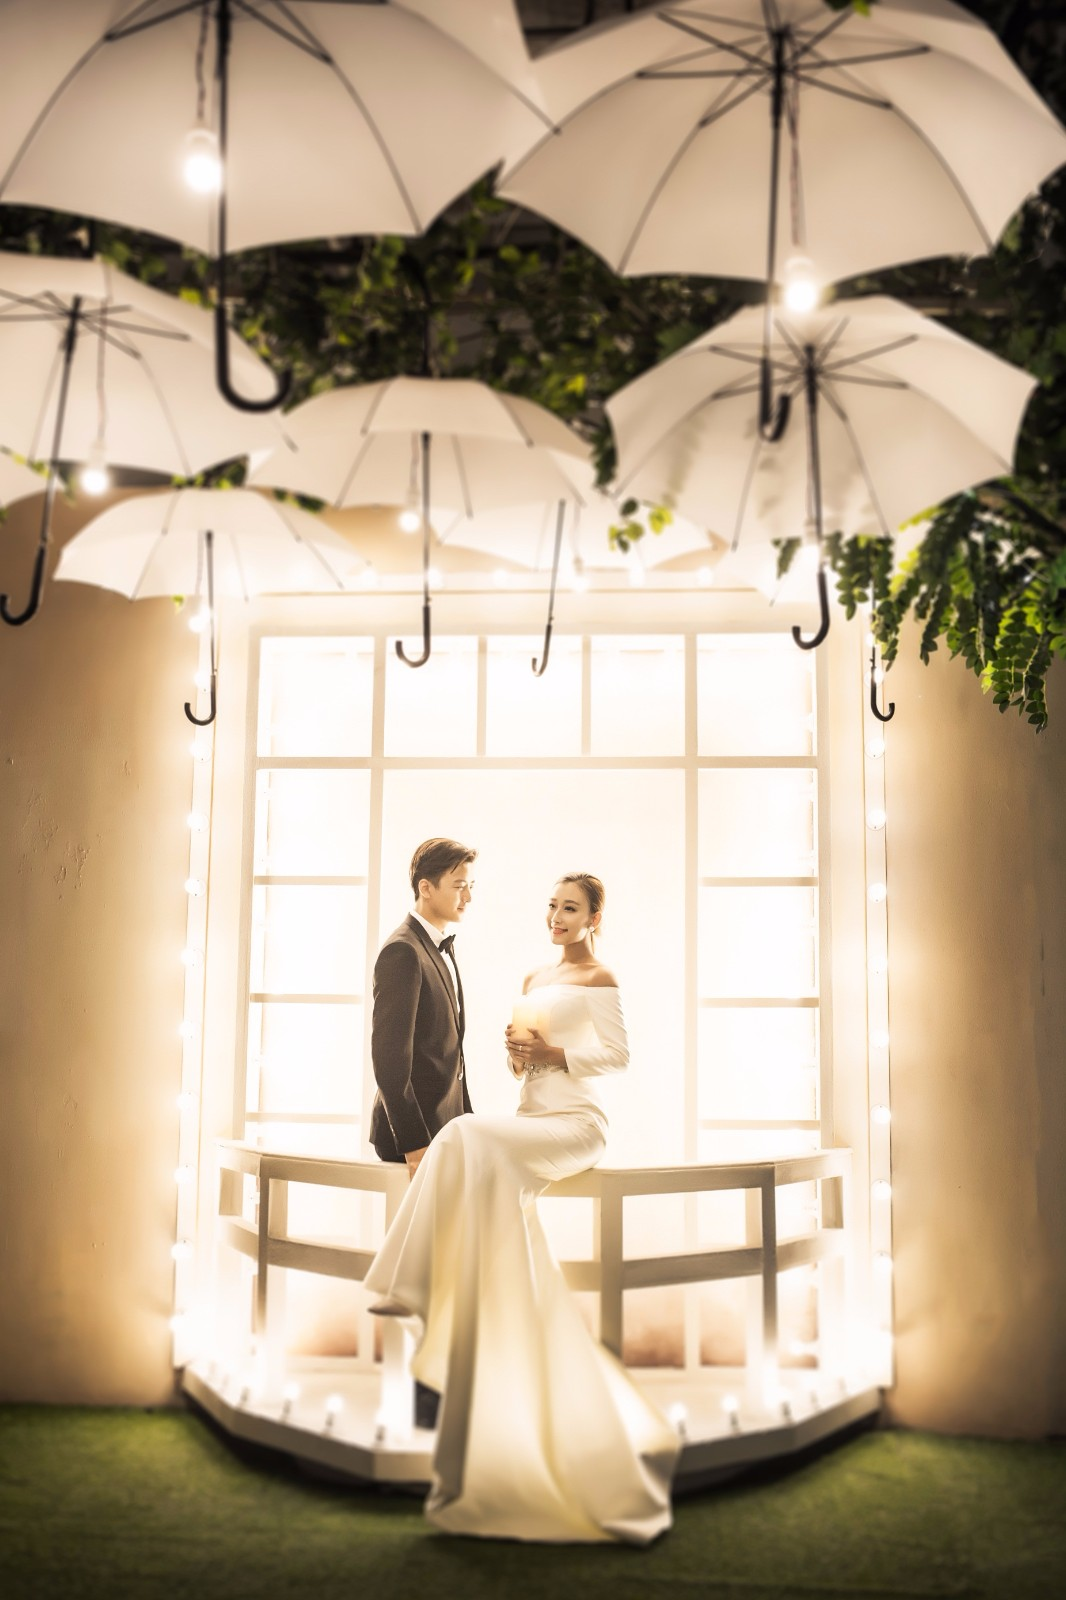 新婚之夜要注意什么,新娘新郎应该仔细看一下